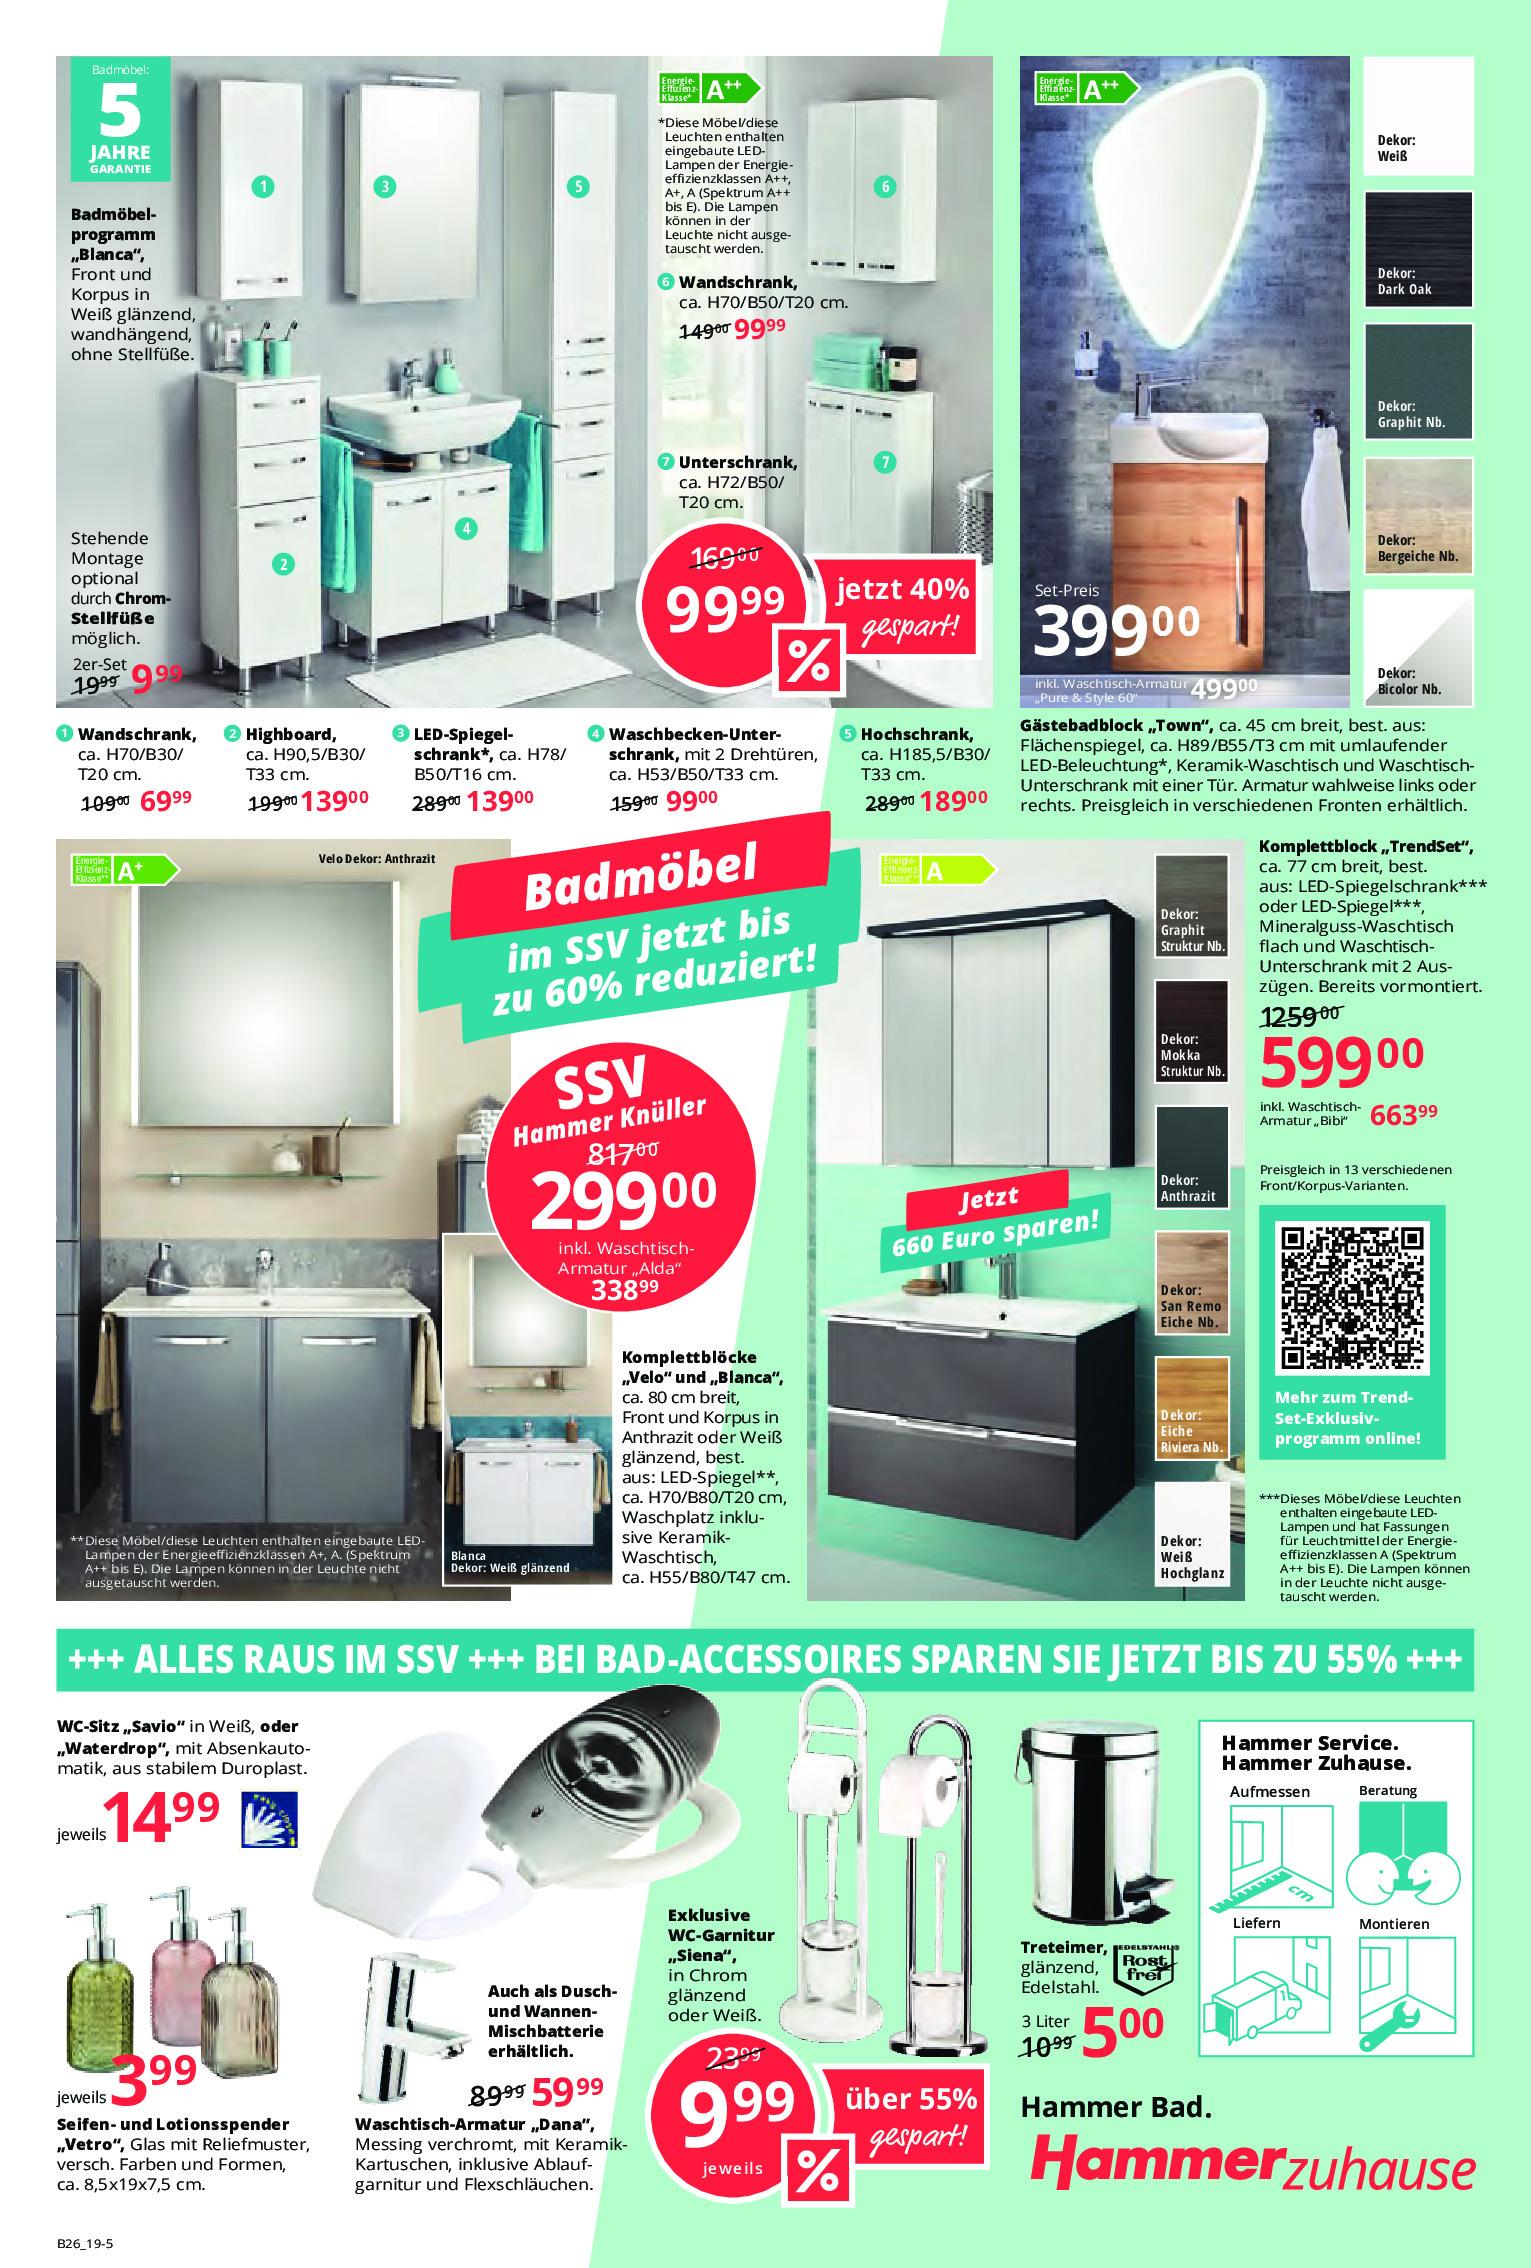 Hammer Fachmärkte Prospekt – Angebote ab 23.06.2019 bis ...